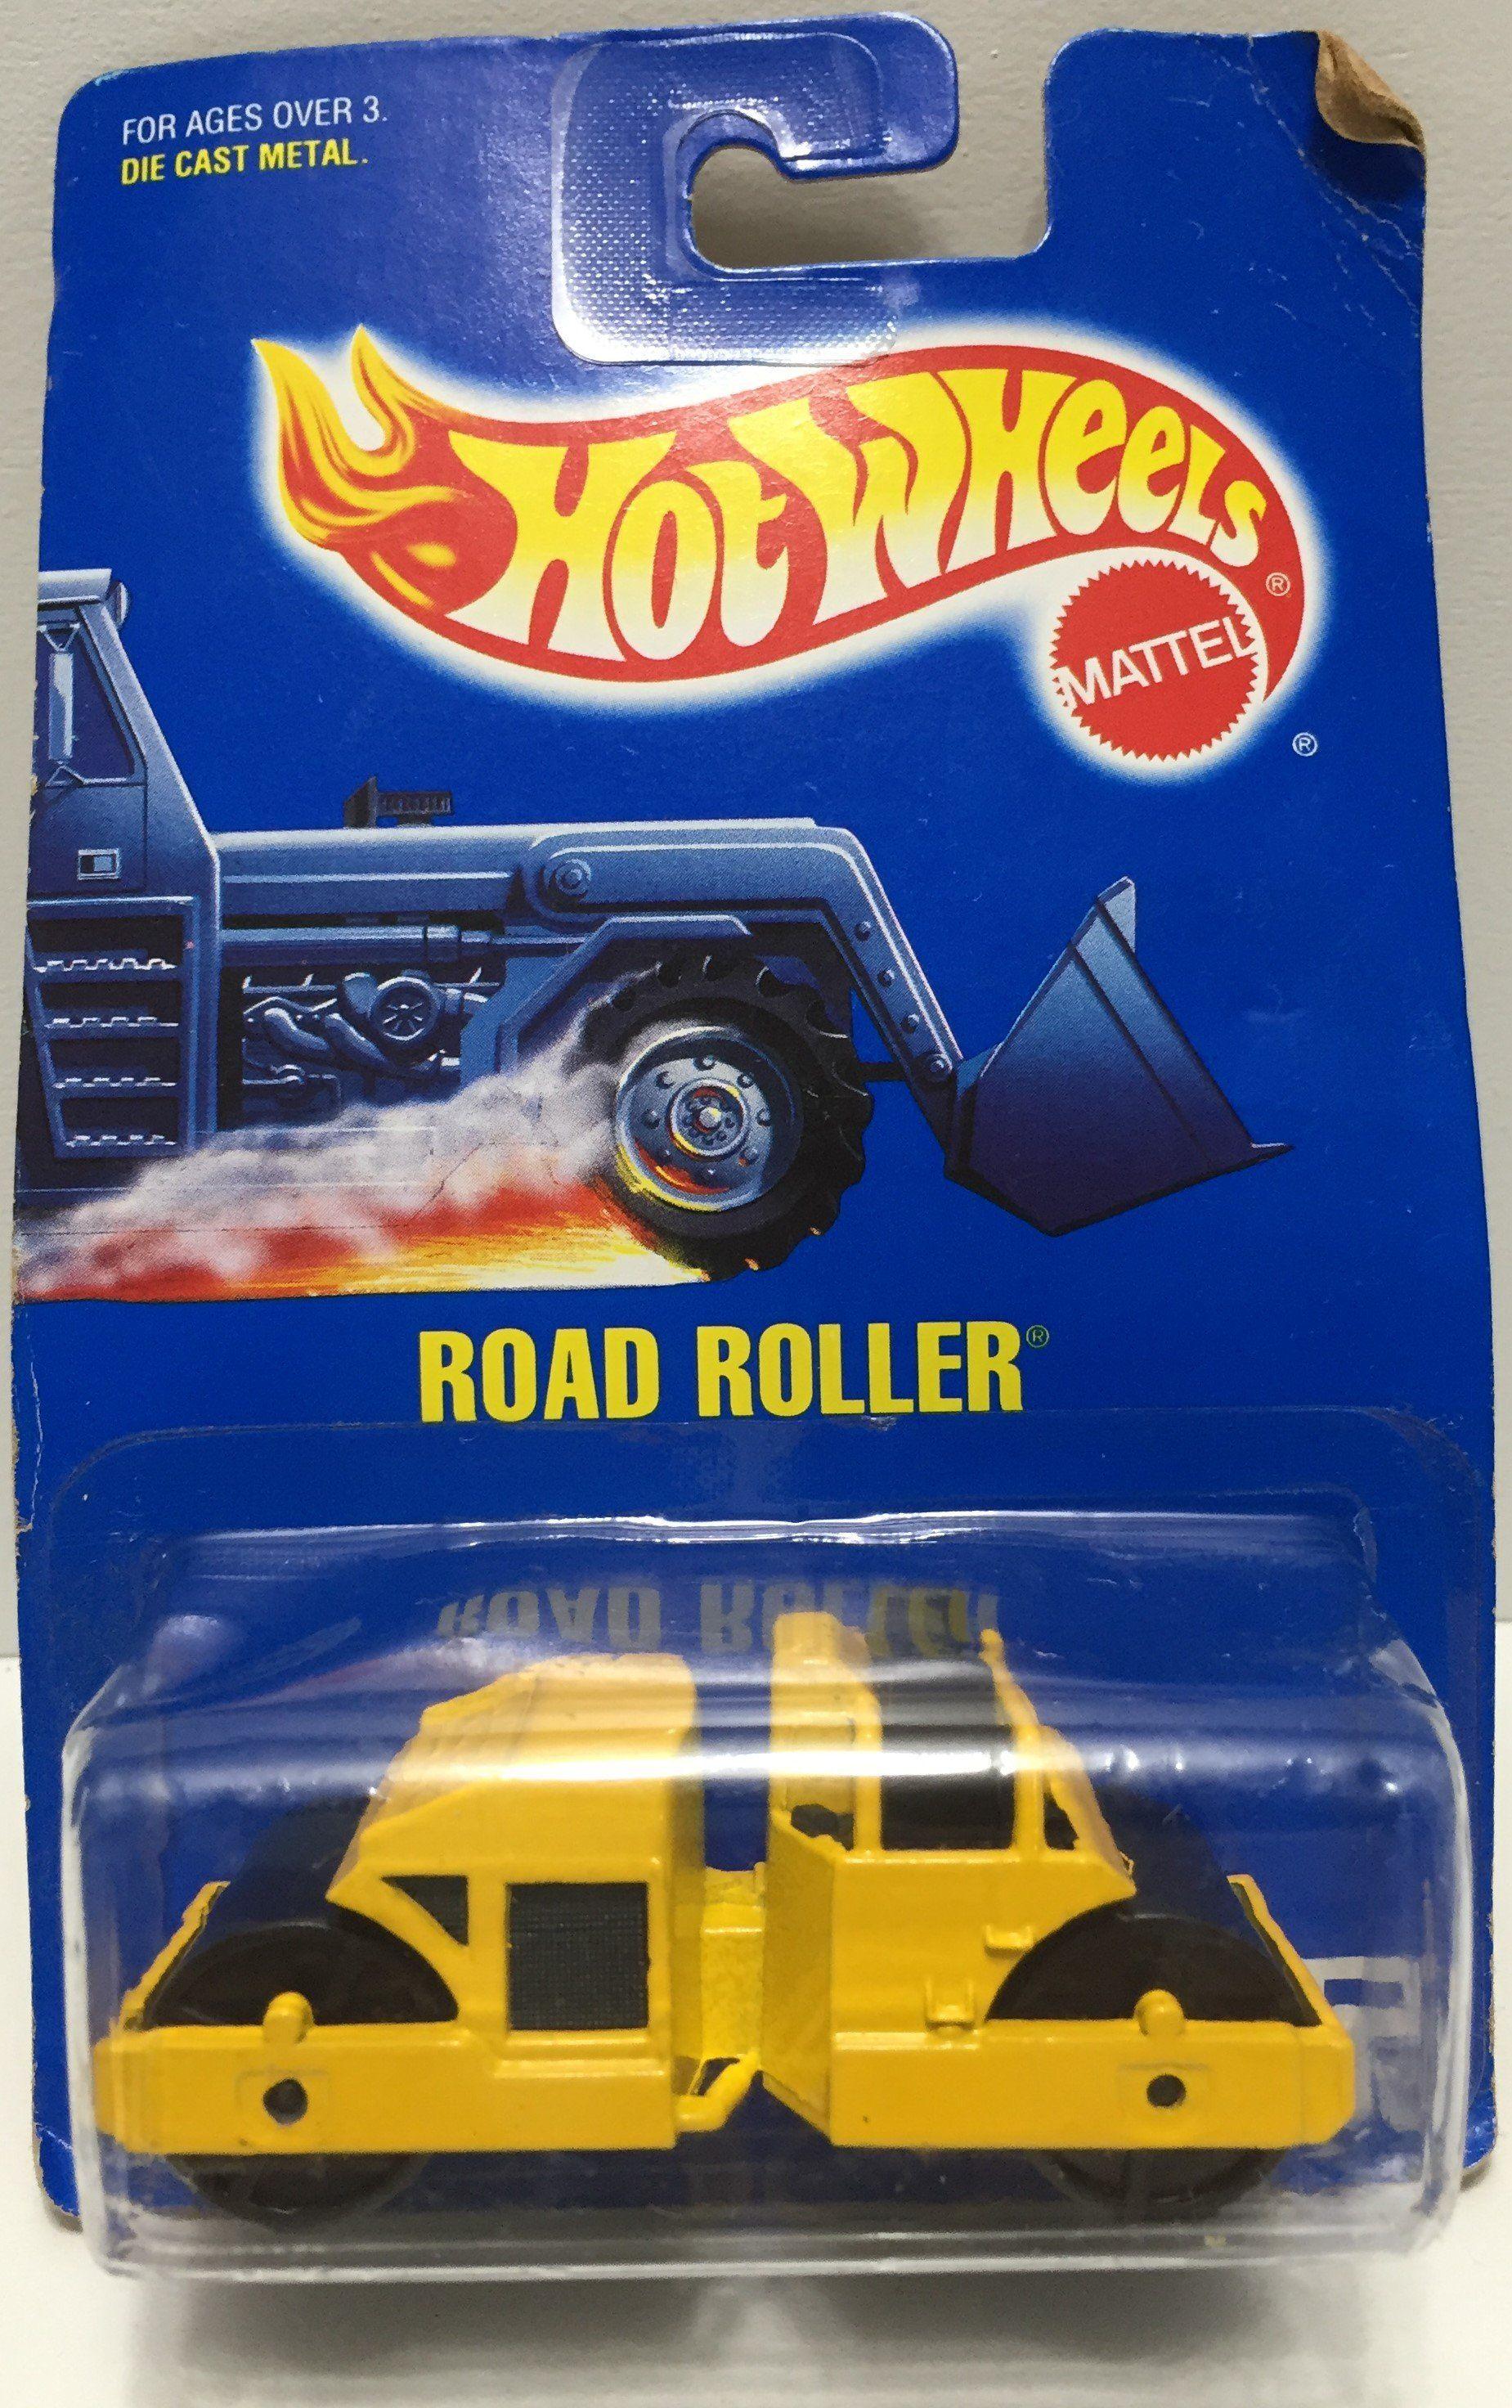 Tas037280 1991 Mattel Hot Wheels Die Cast Road Roller Mattel Hot Wheels Hot Wheels Garage Hot Wheels [ 2944 x 1849 Pixel ]